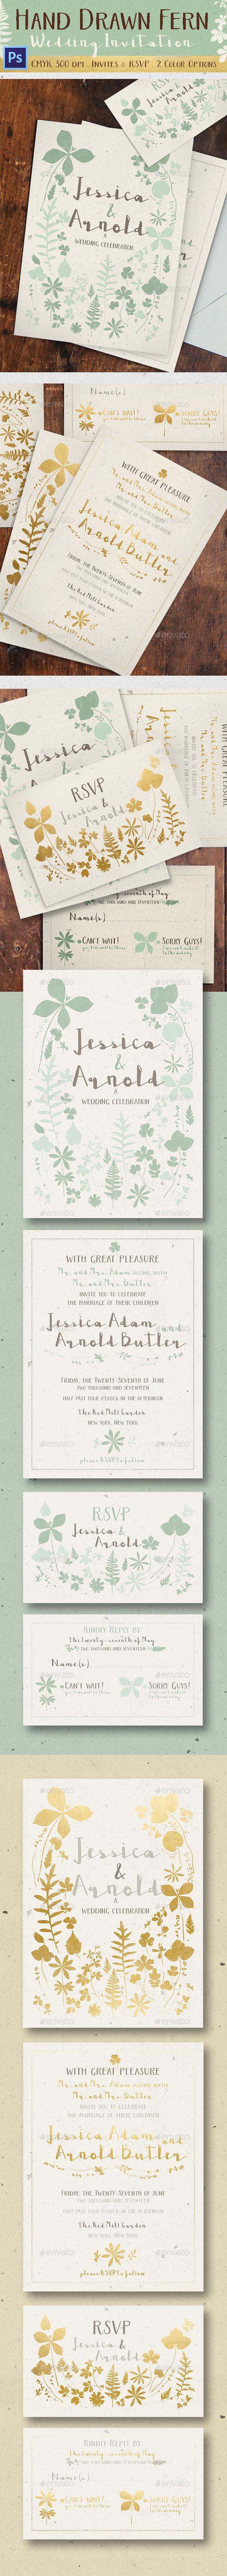 Hand Drawn Fern Wedding Invitation - Weddings Cards & Invites